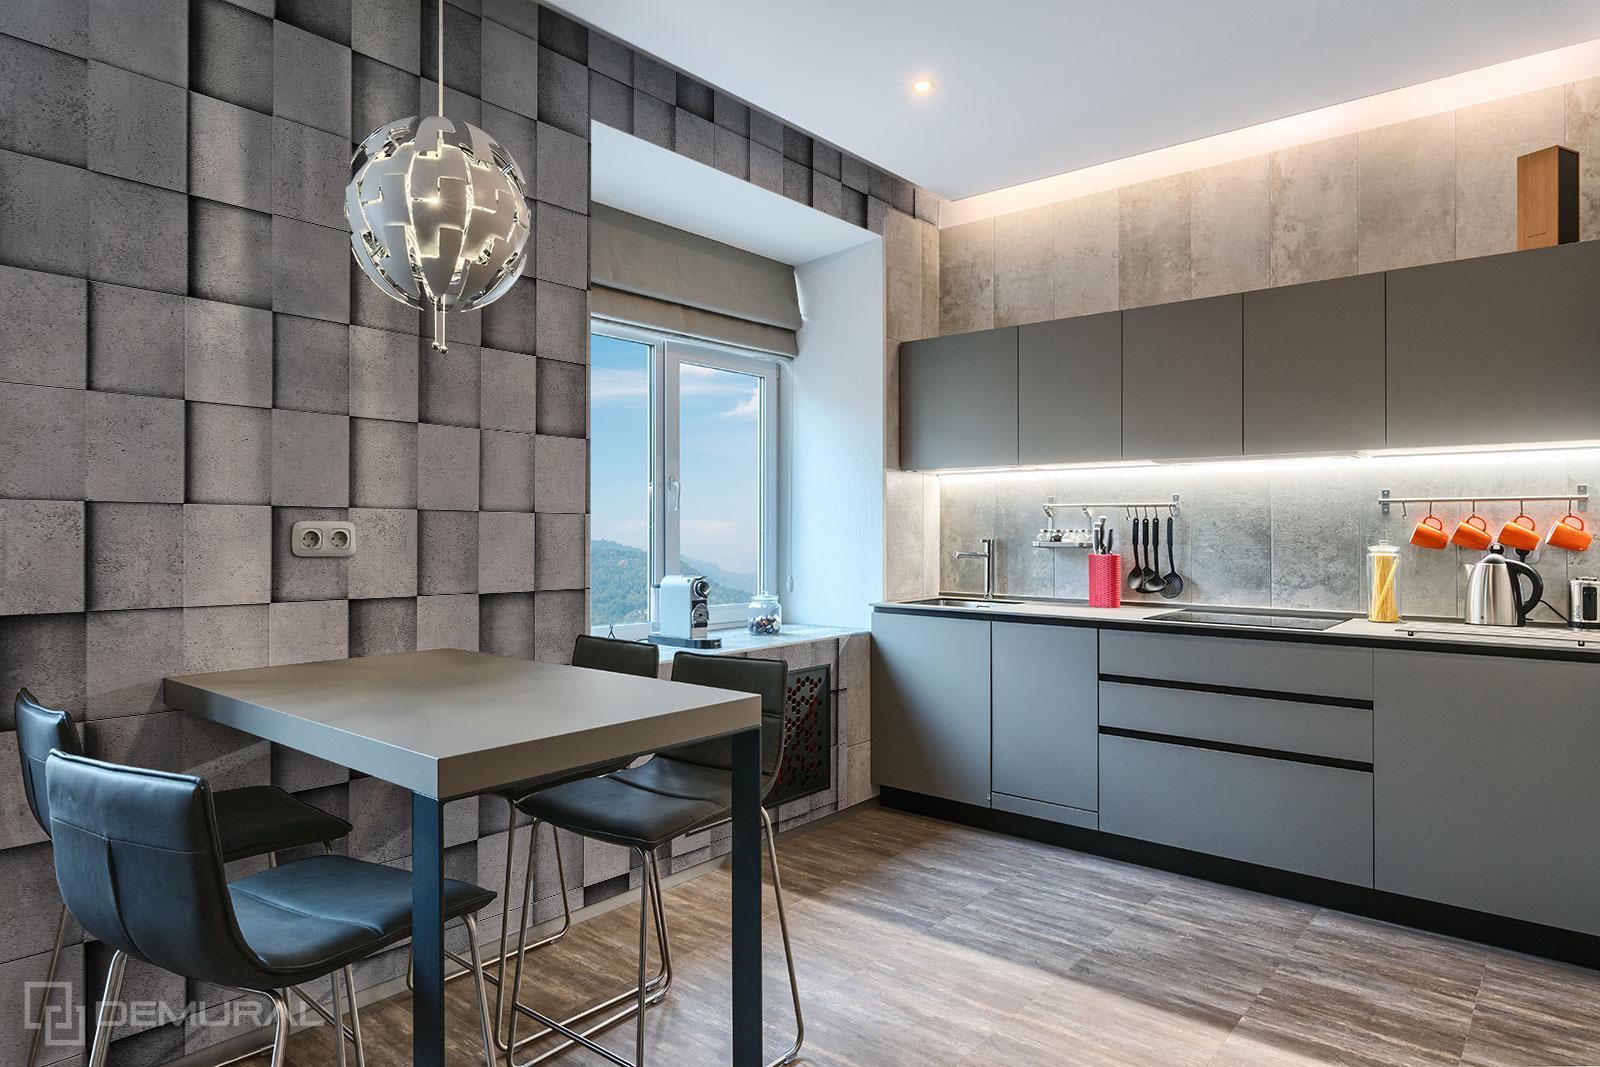 Fototapete Beton-Würfel - Fototapete für große Küche - Demural